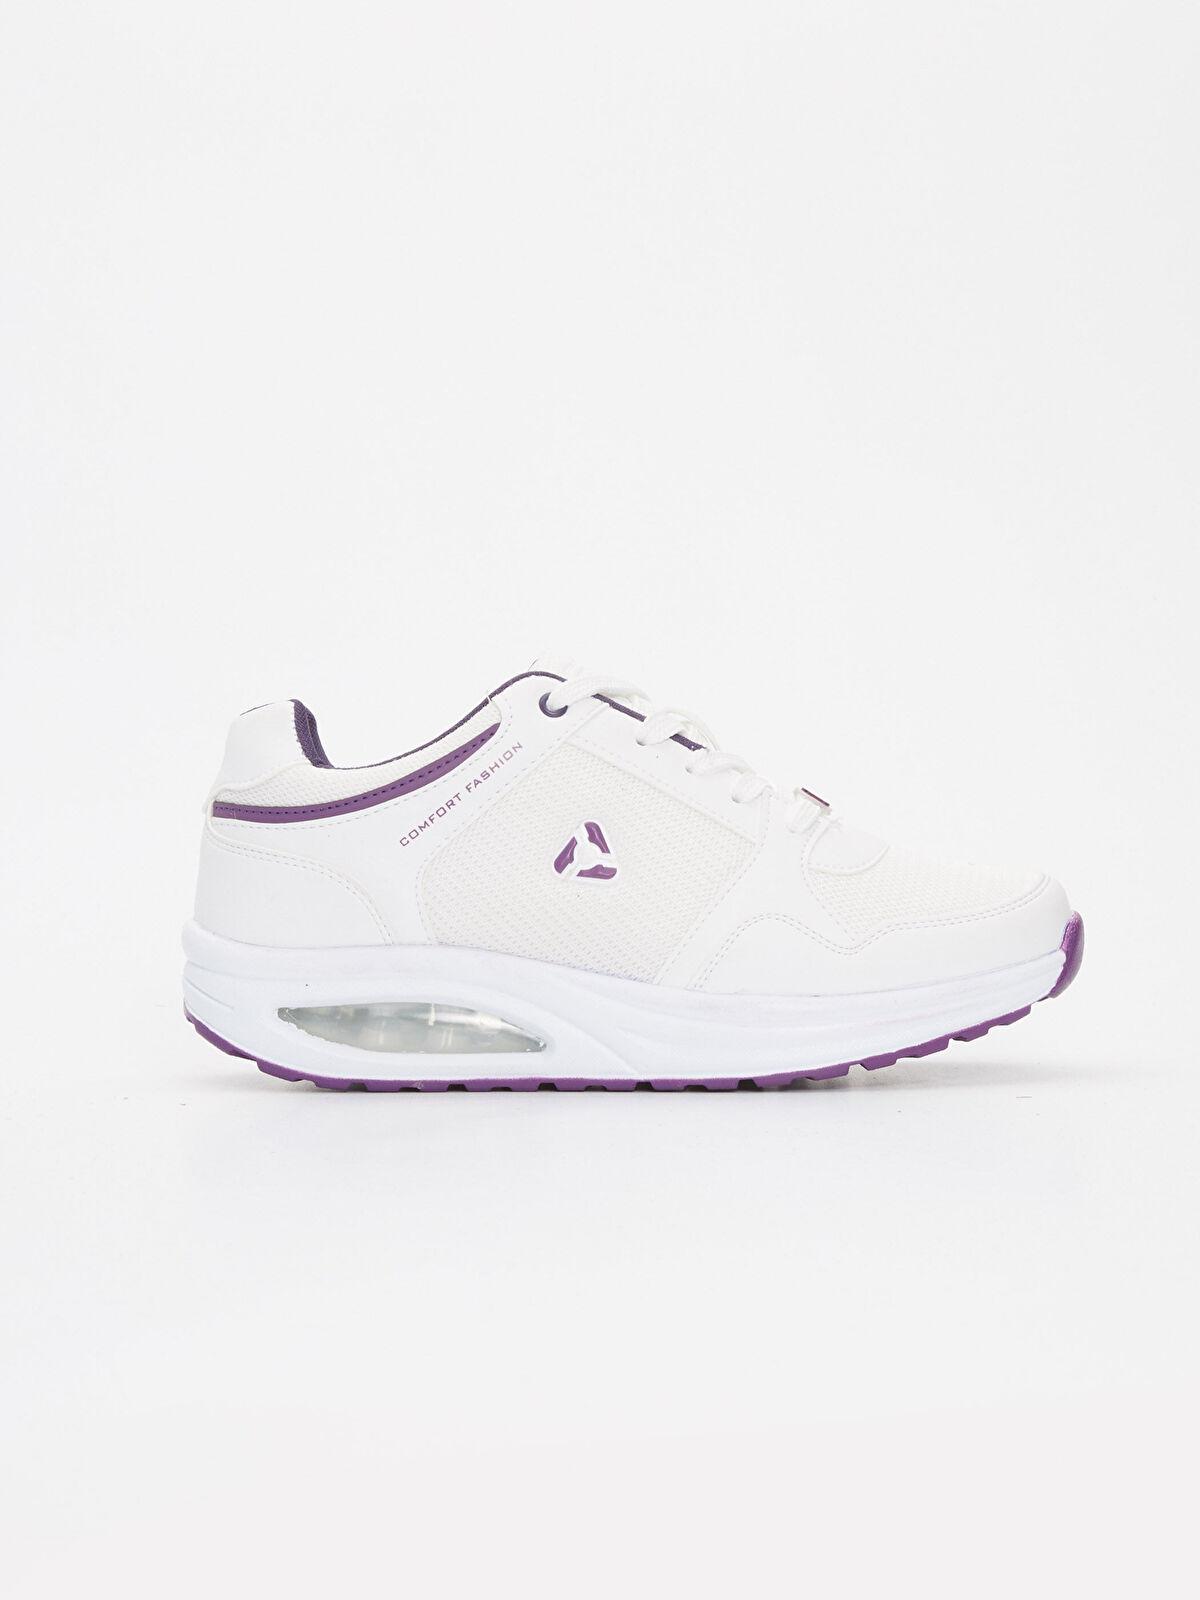 Letoon Kadın Bağcıklı Spor Ayakkabı - Markalar